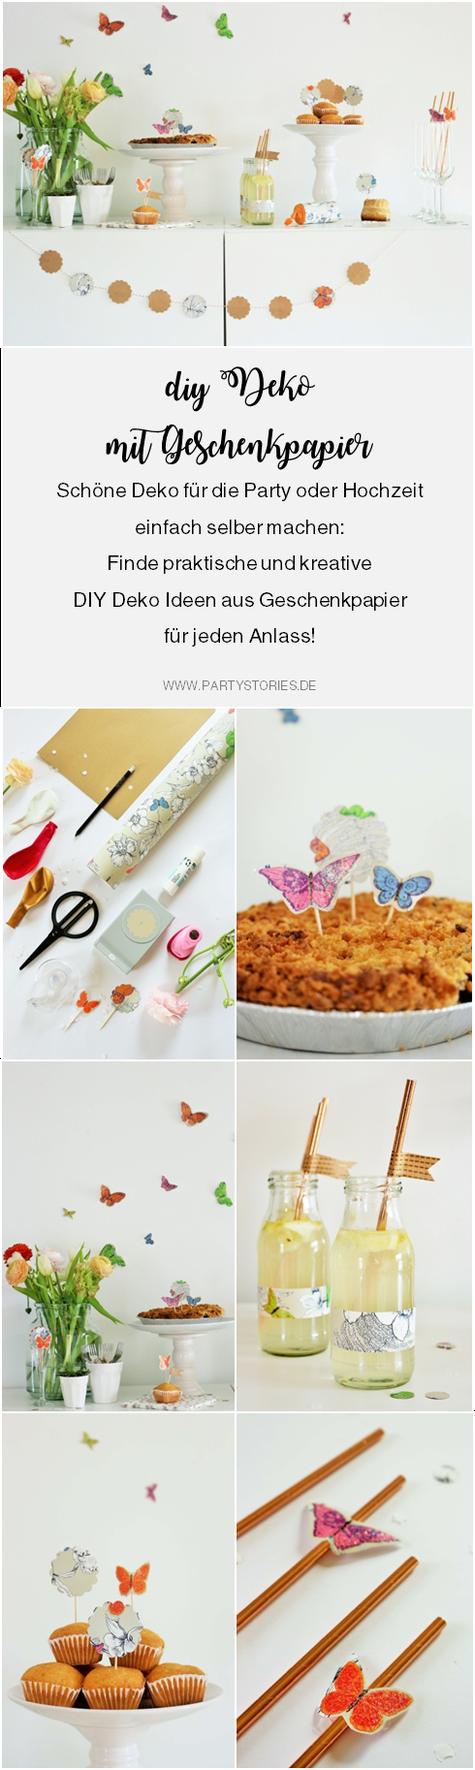 DIY Party Deko und Dekoration für die Hochzeit mit diesen Ideen aus Geschenkpapier ganz einfach selber basteln; gefunden auf www.partystories.de in Kooperation mit Jung Verpackungen